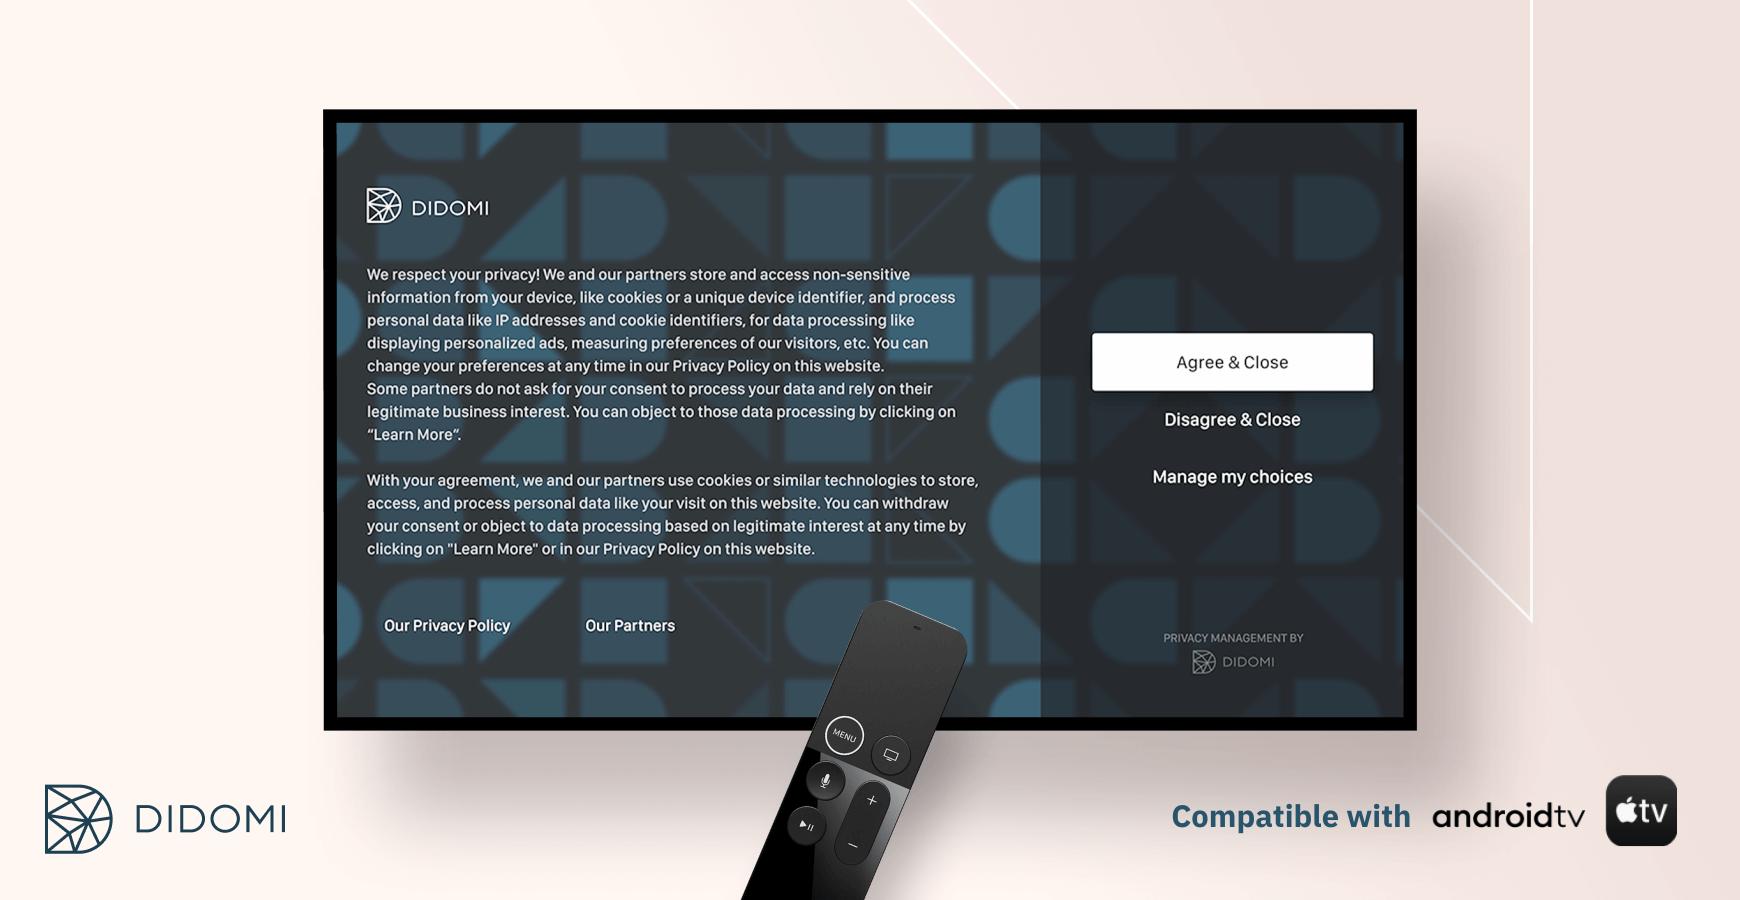 Didomi es la primera empresa europea que ofrece una solución de gestión del consentimiento para la TV conectada compatible con el TCF